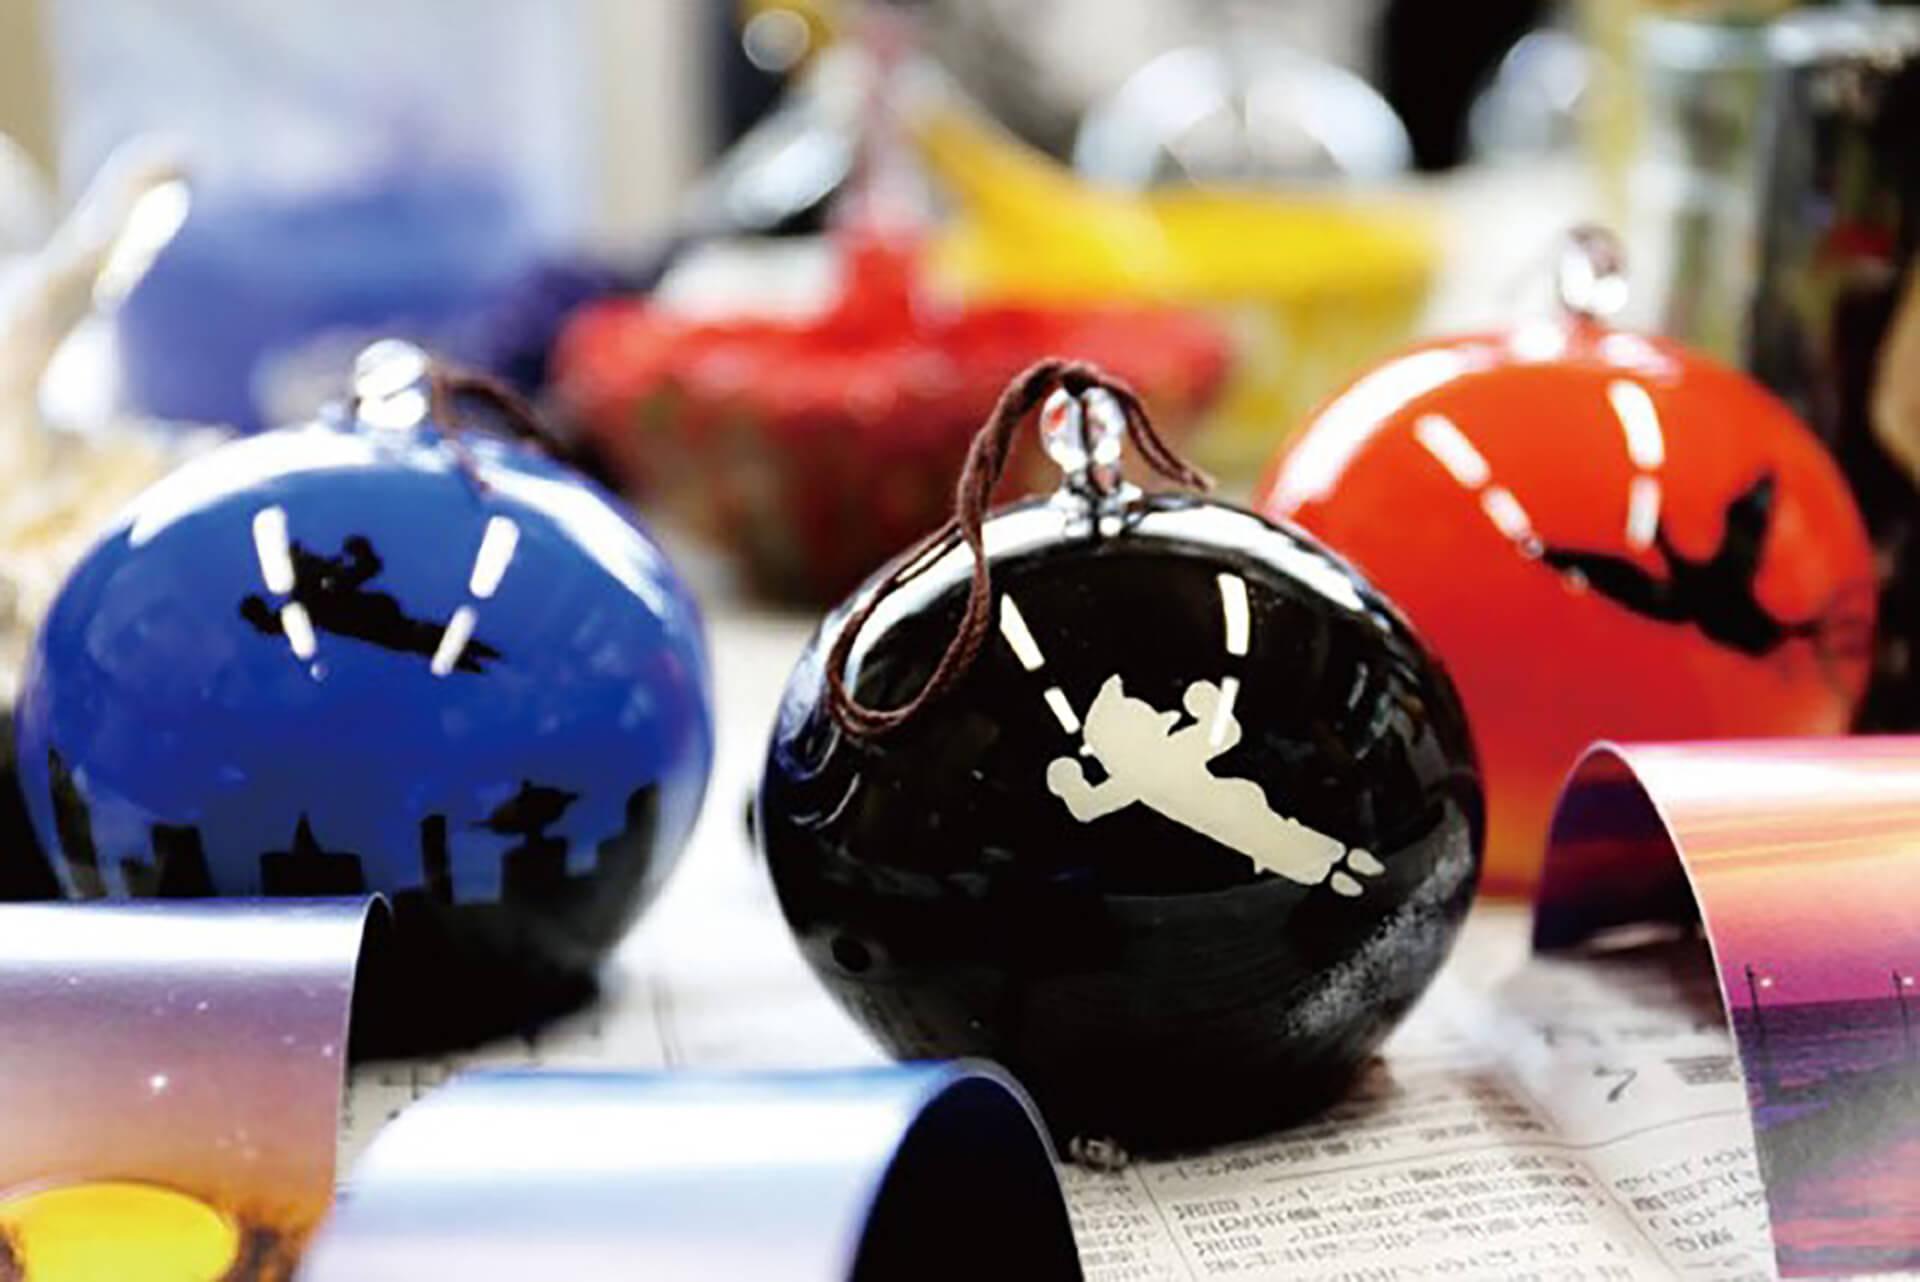 この写真はアトム堂本舗で販売されるオリジナルグッズの陶磁器です